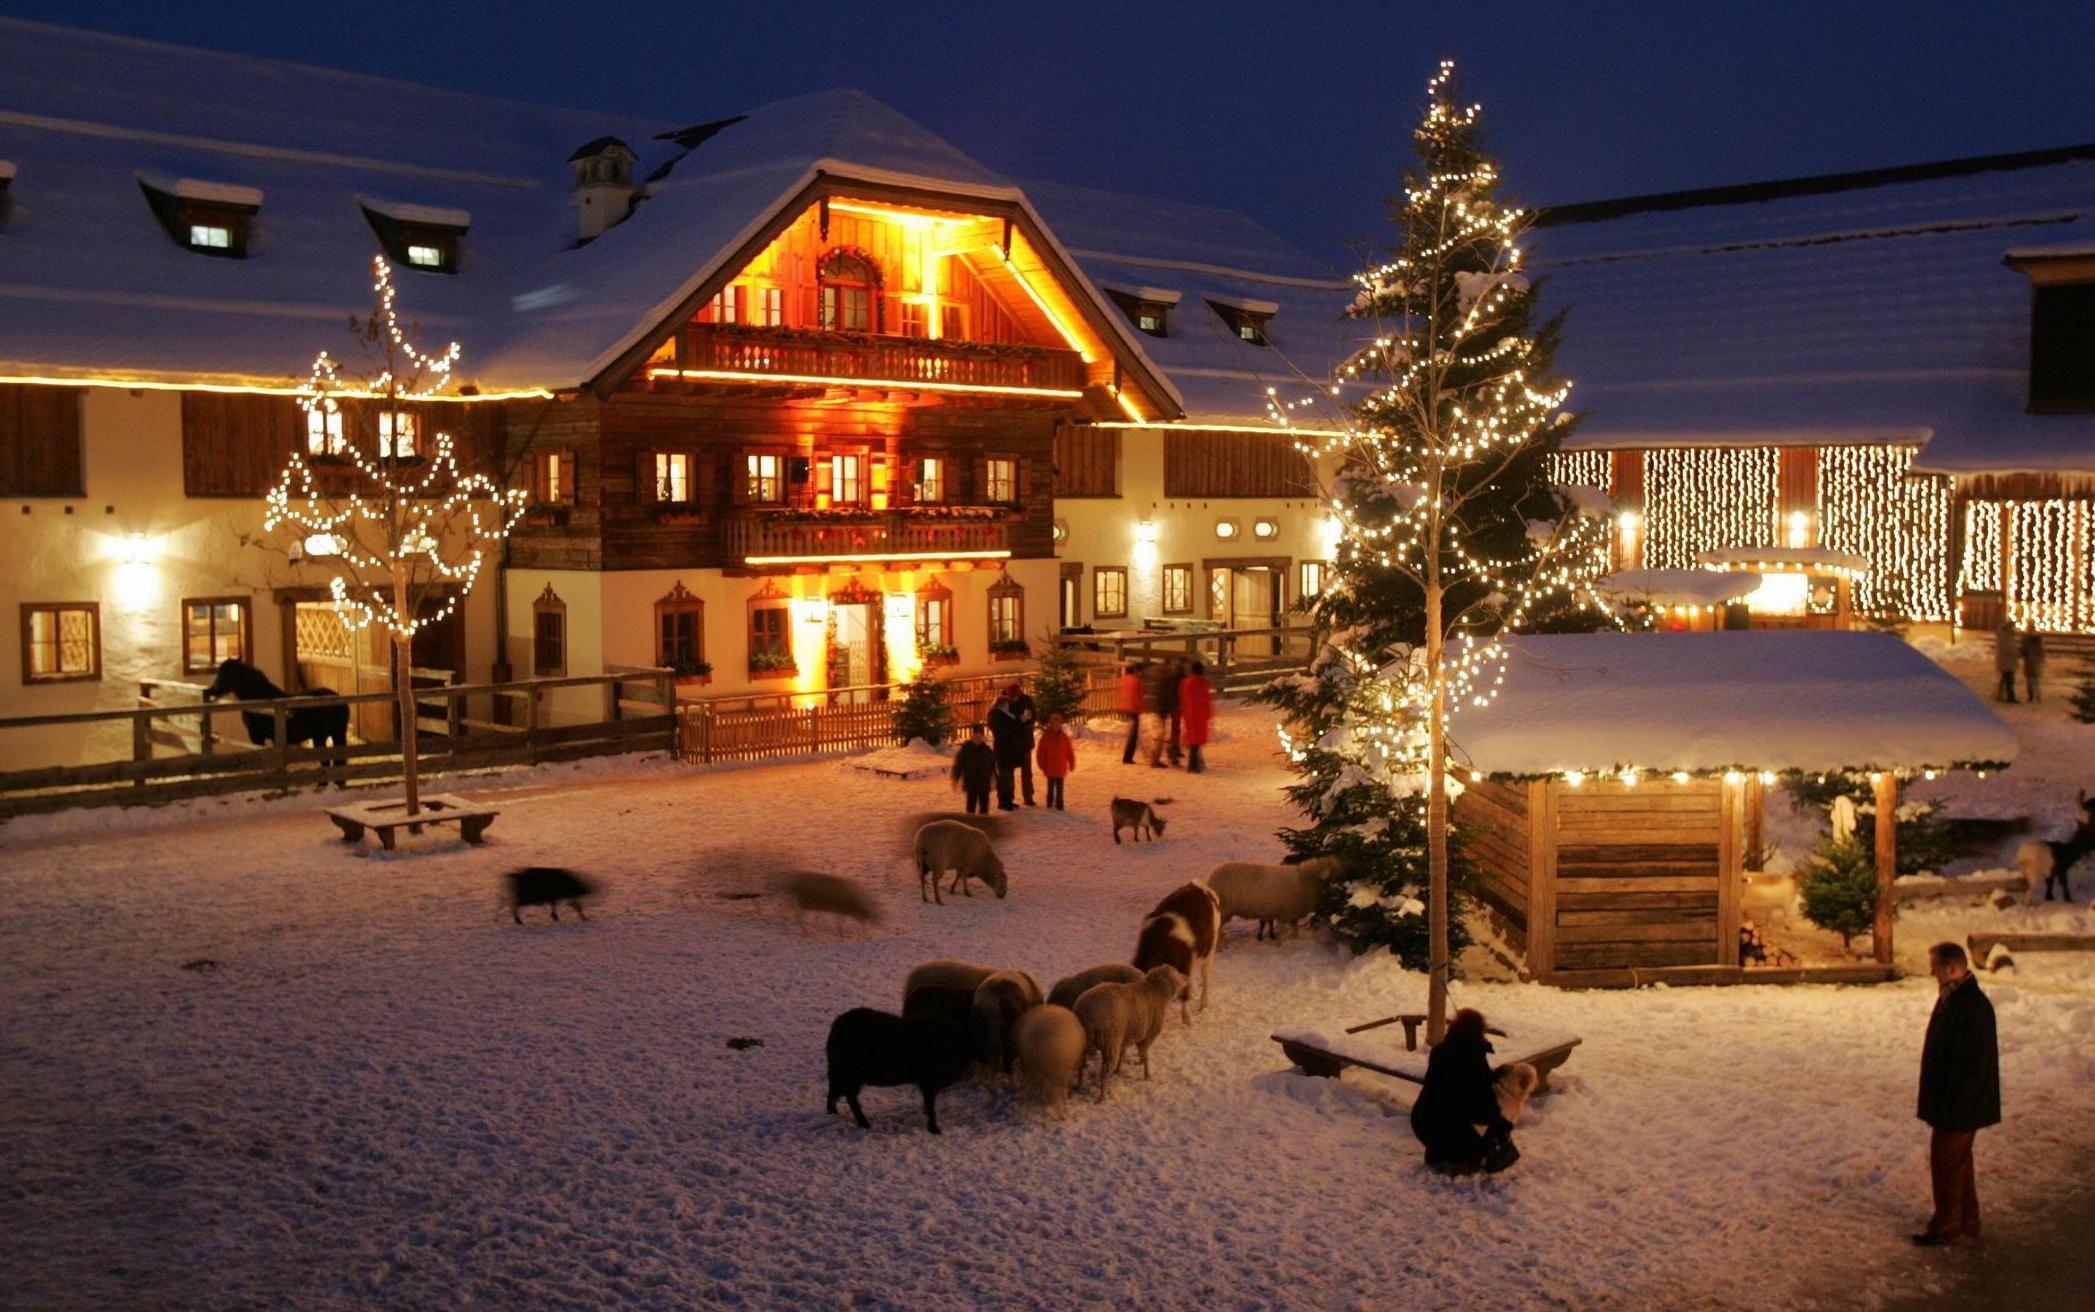 Weihnachtsmarkt Weihnachtsmarkt Auf Gut Aiderbichl Adventmarkt